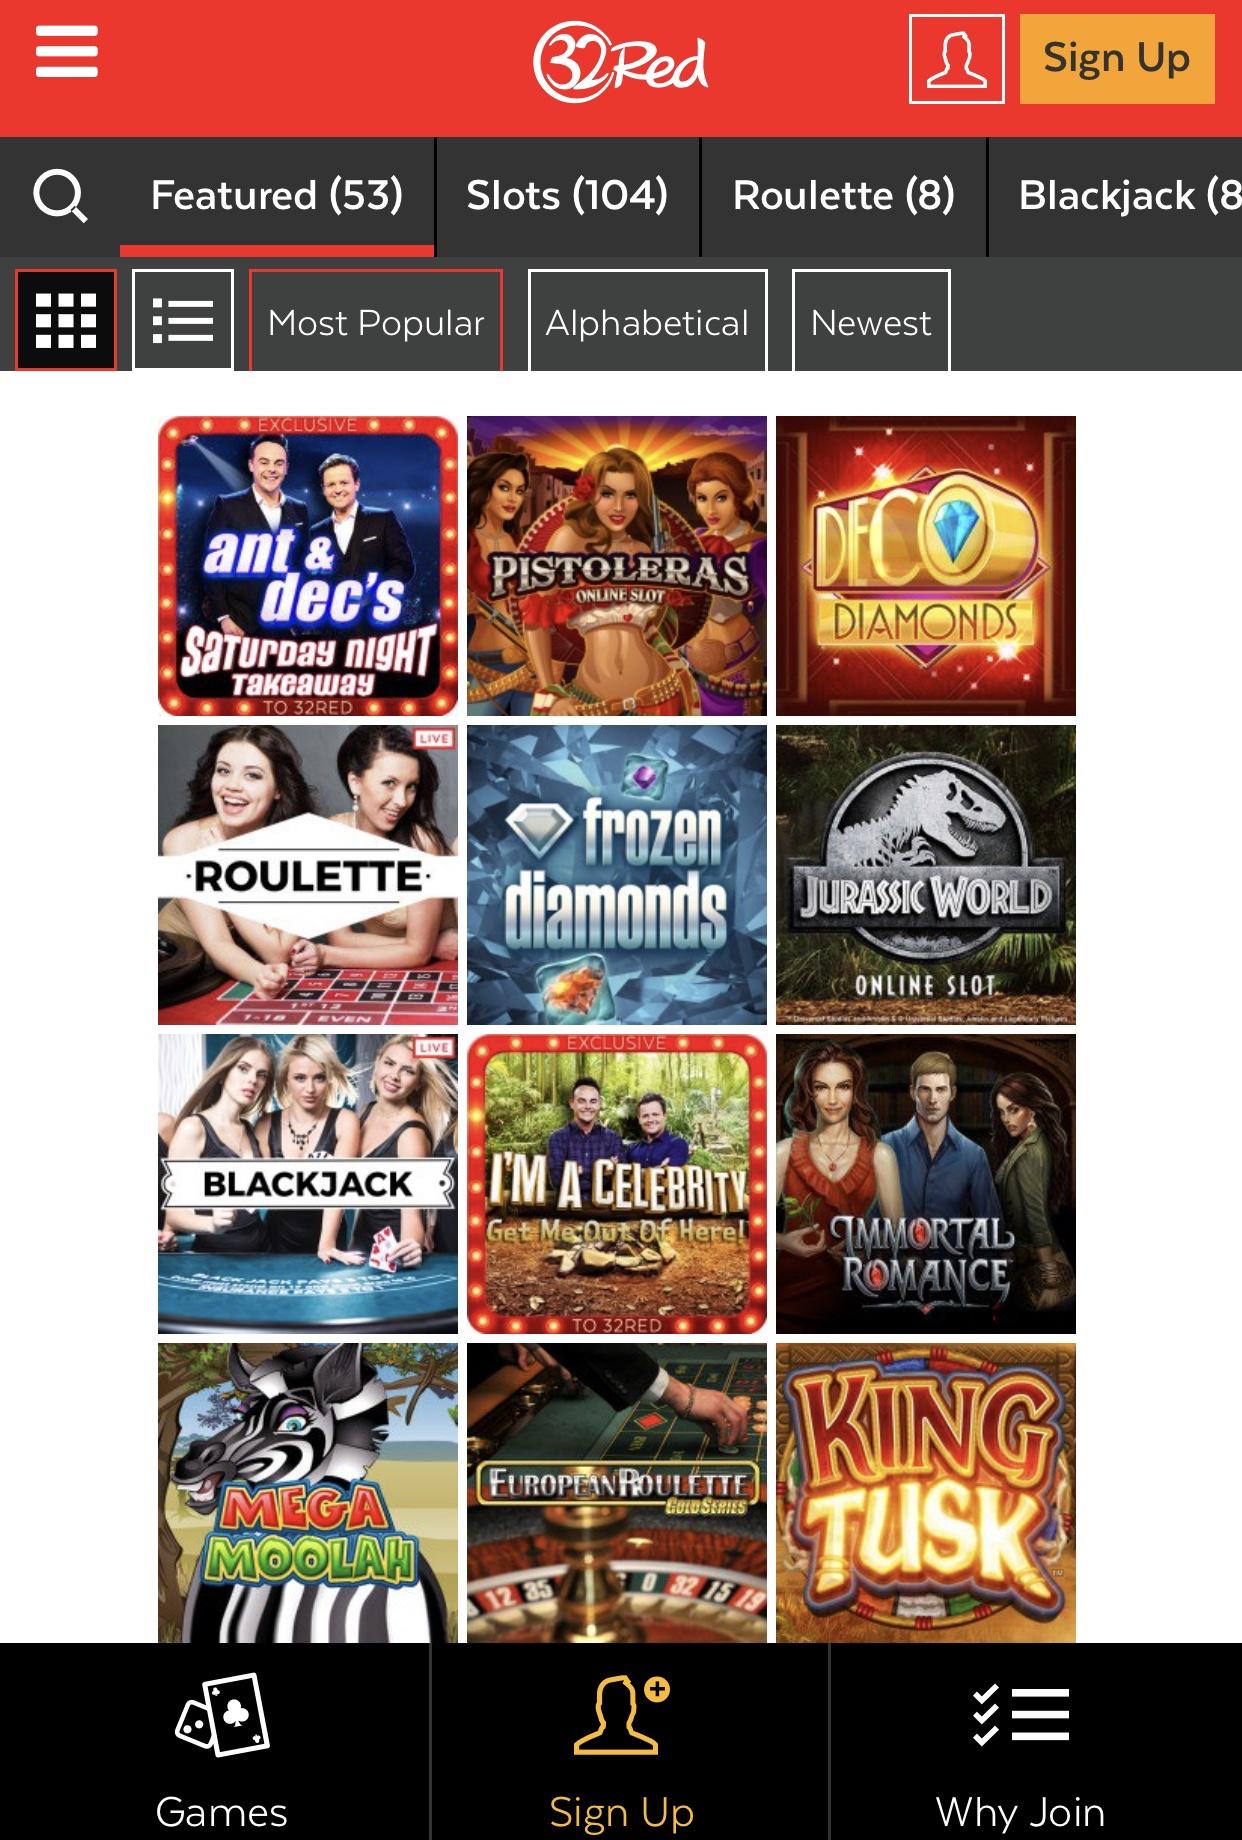 Fehlerfreies Spielen 32Red Casino -216532